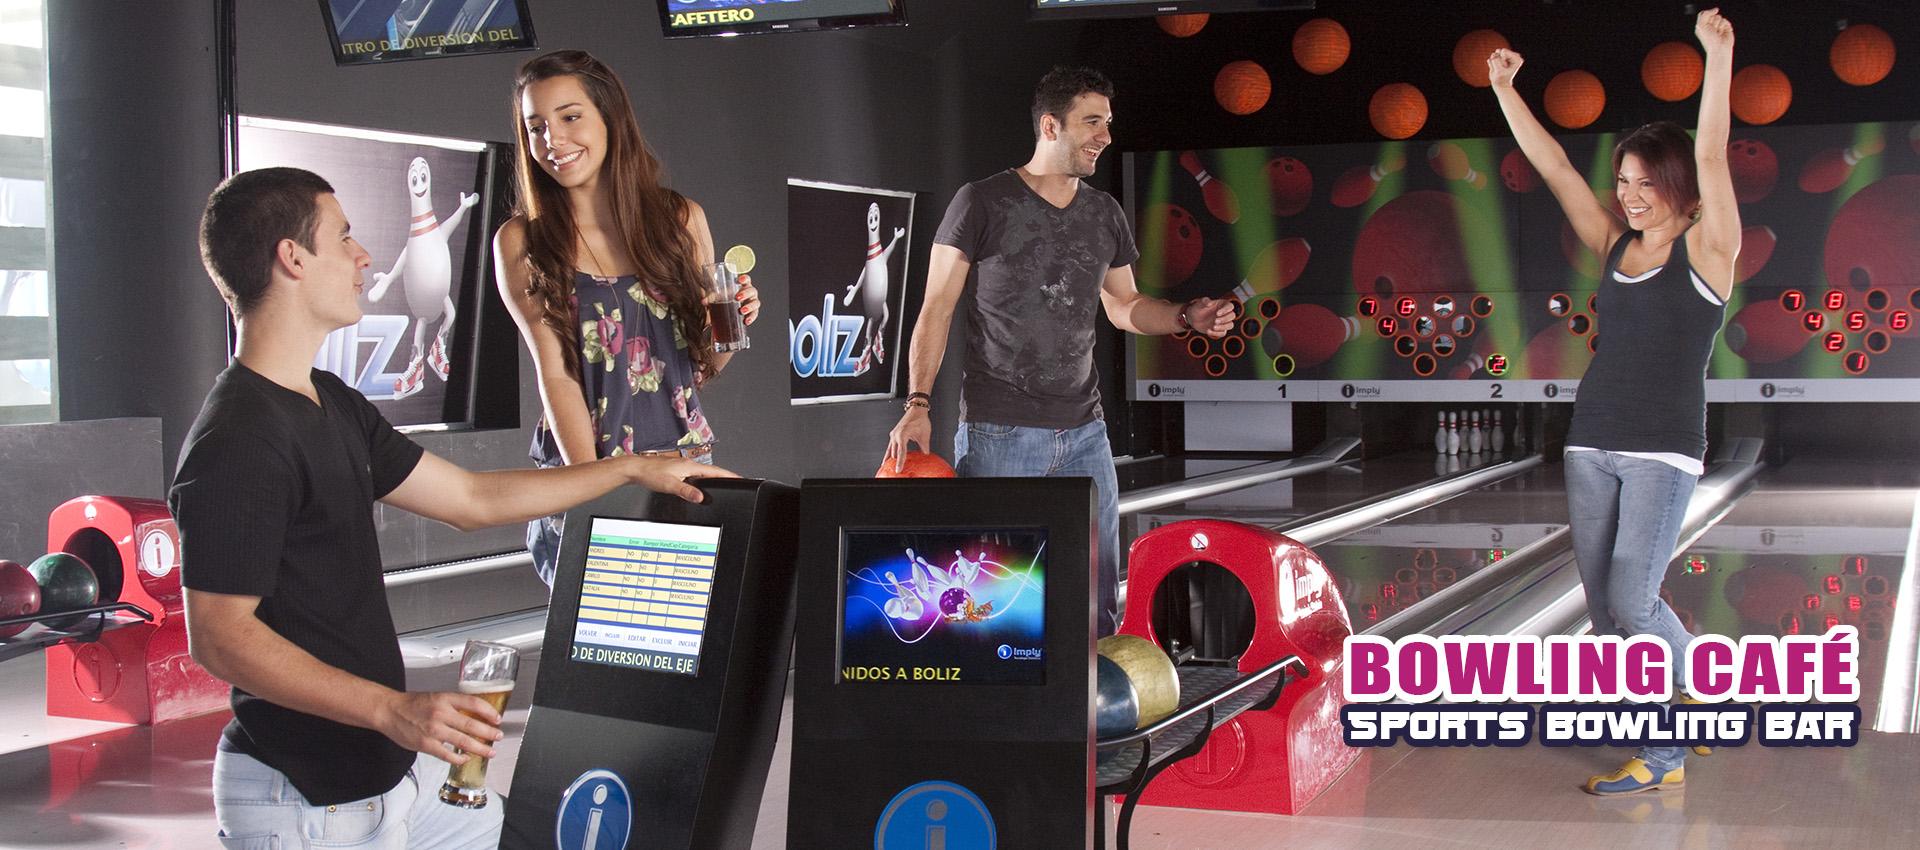 Centros de ocio, bowling y entretenimiento